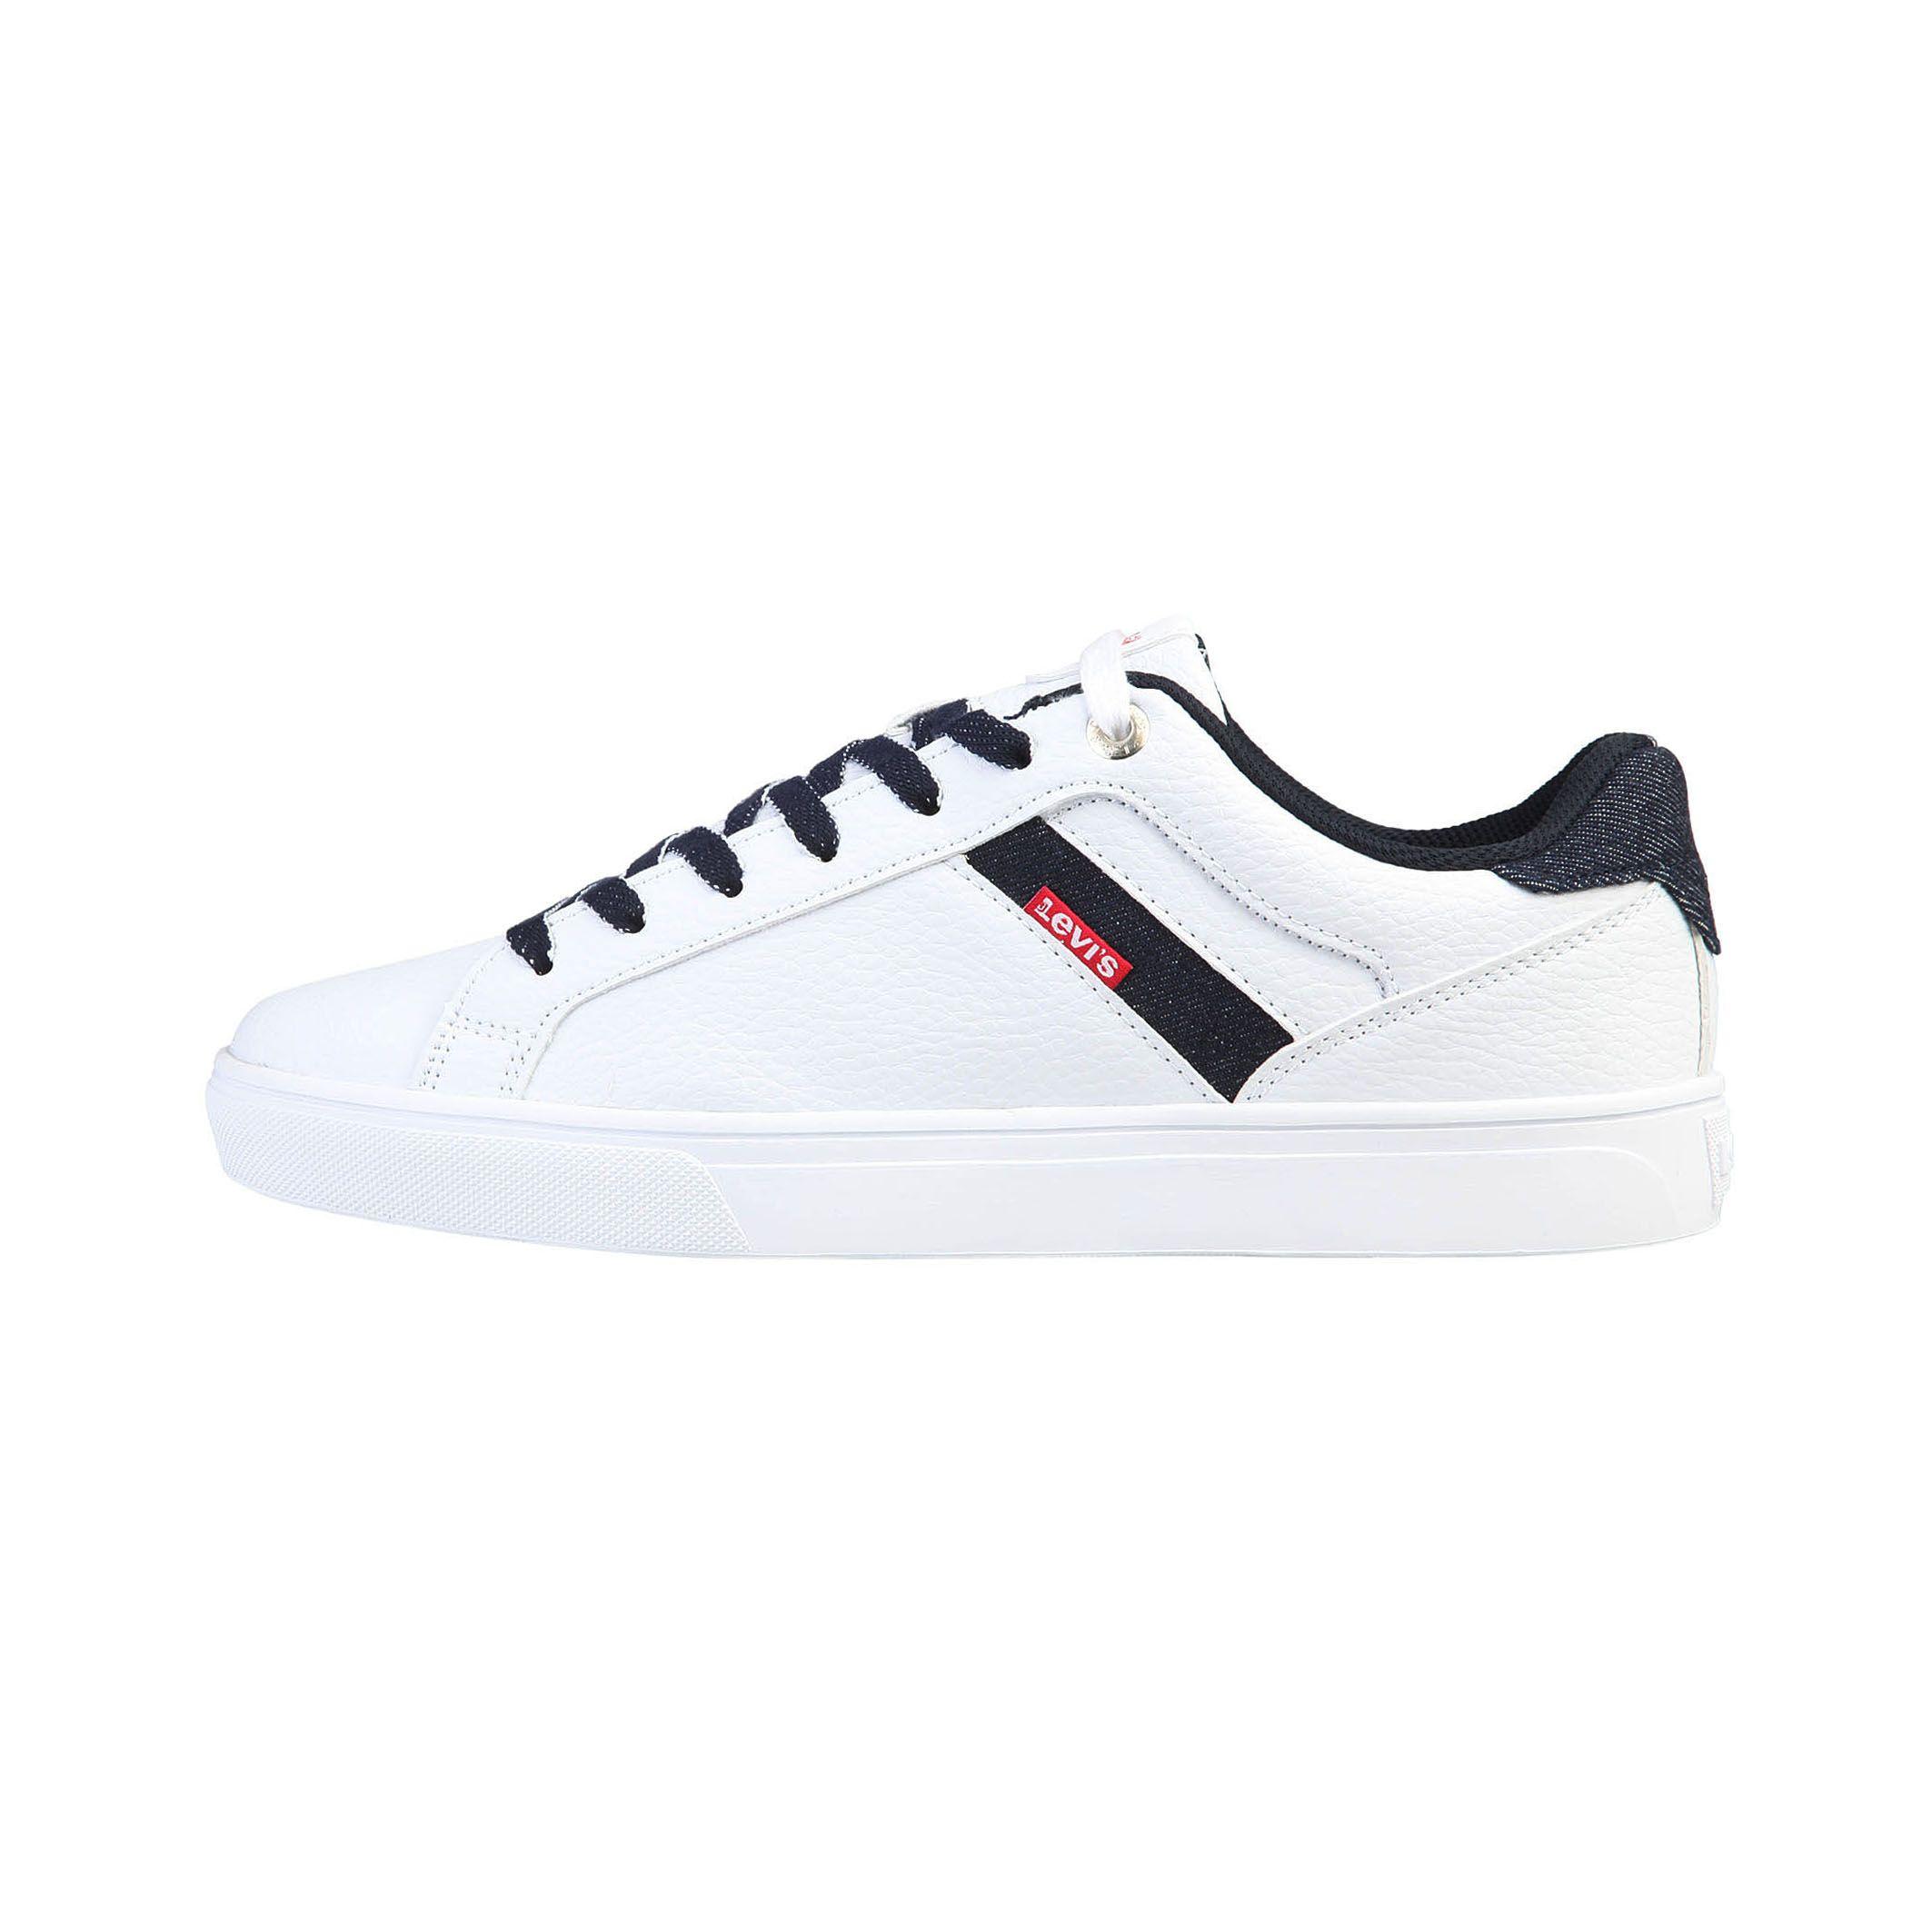 new styles babad f0a31 Wirsom - Zapatos para hombre Levi s - Zapatillas bajas con cordones - parte  superior  material sintético